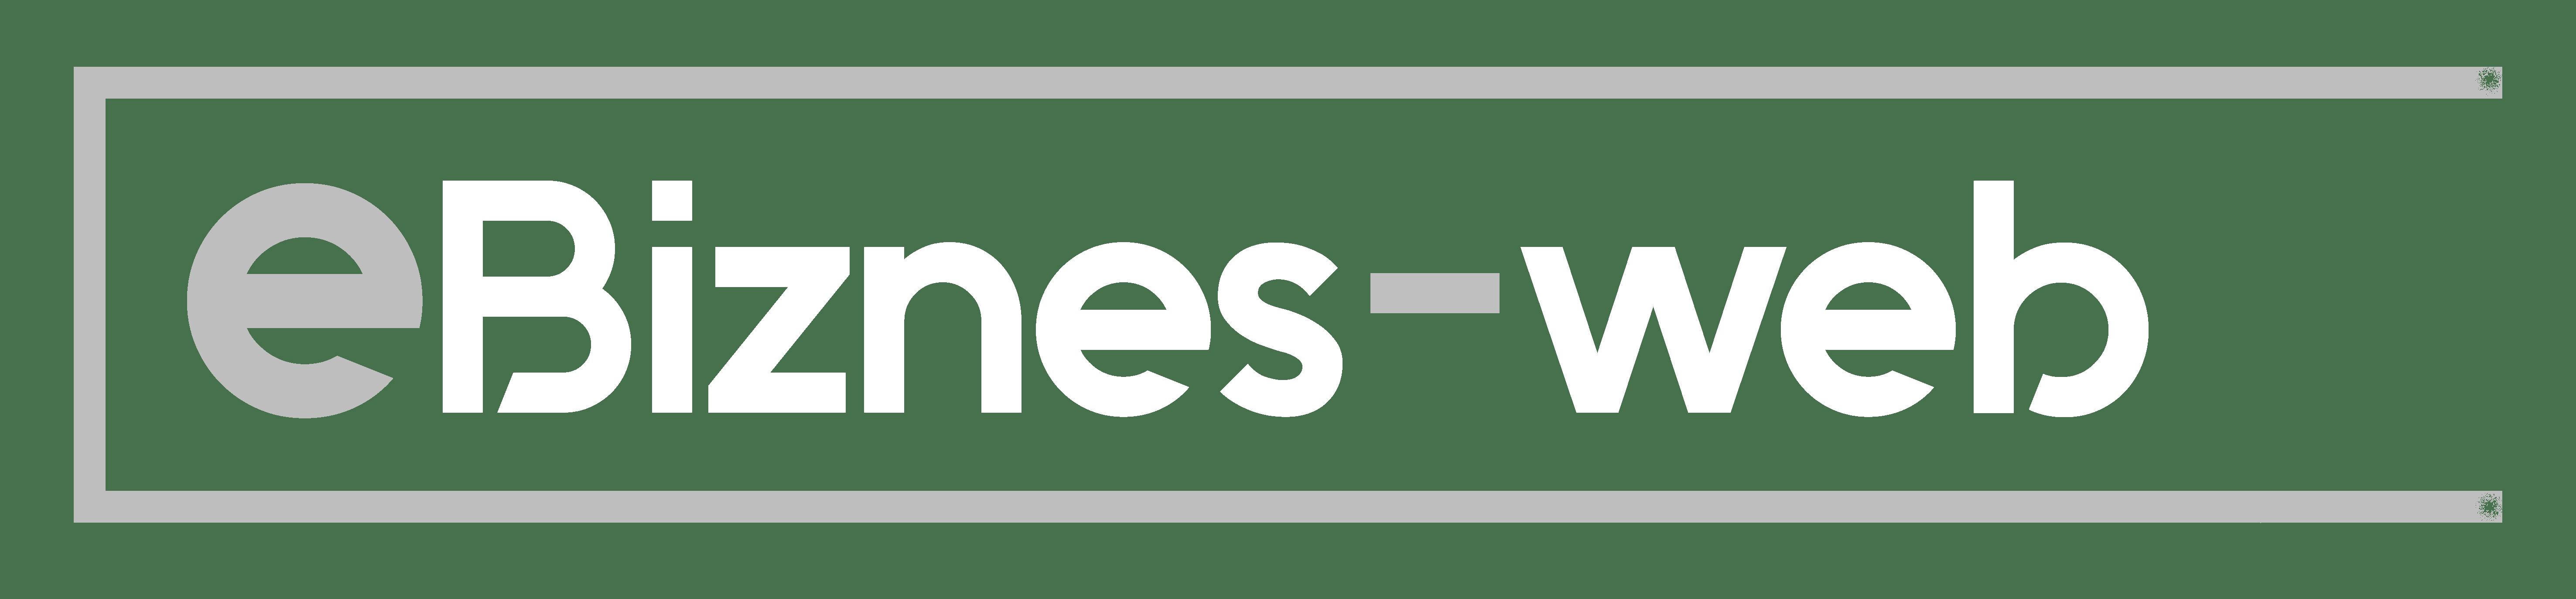 ebiznesweb